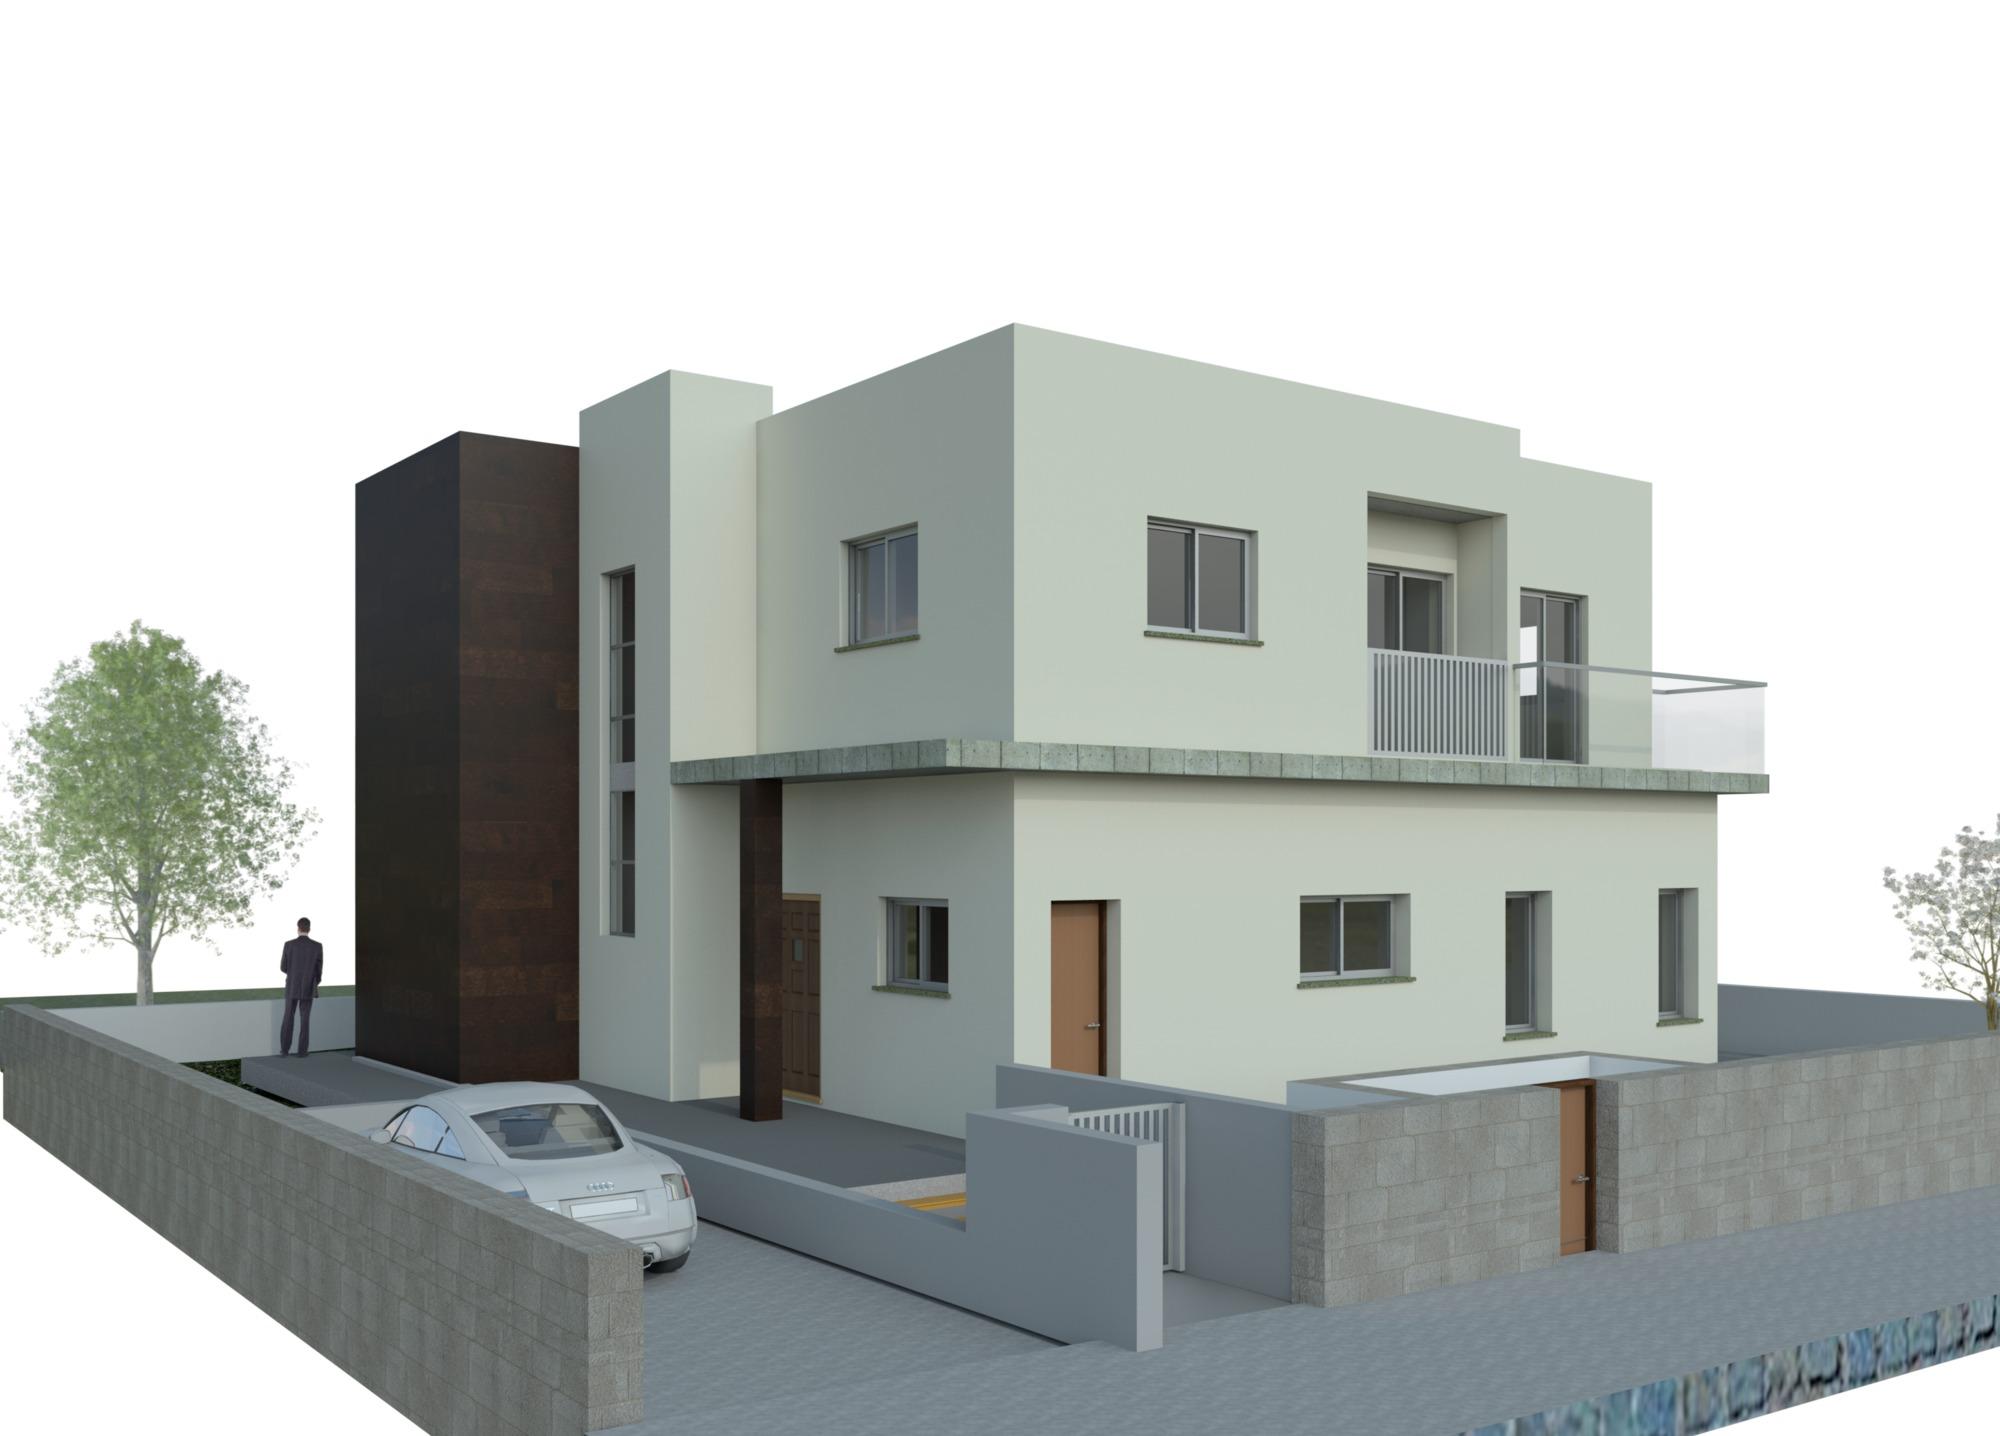 Raas-rendering20150324-17928-xdrh0r